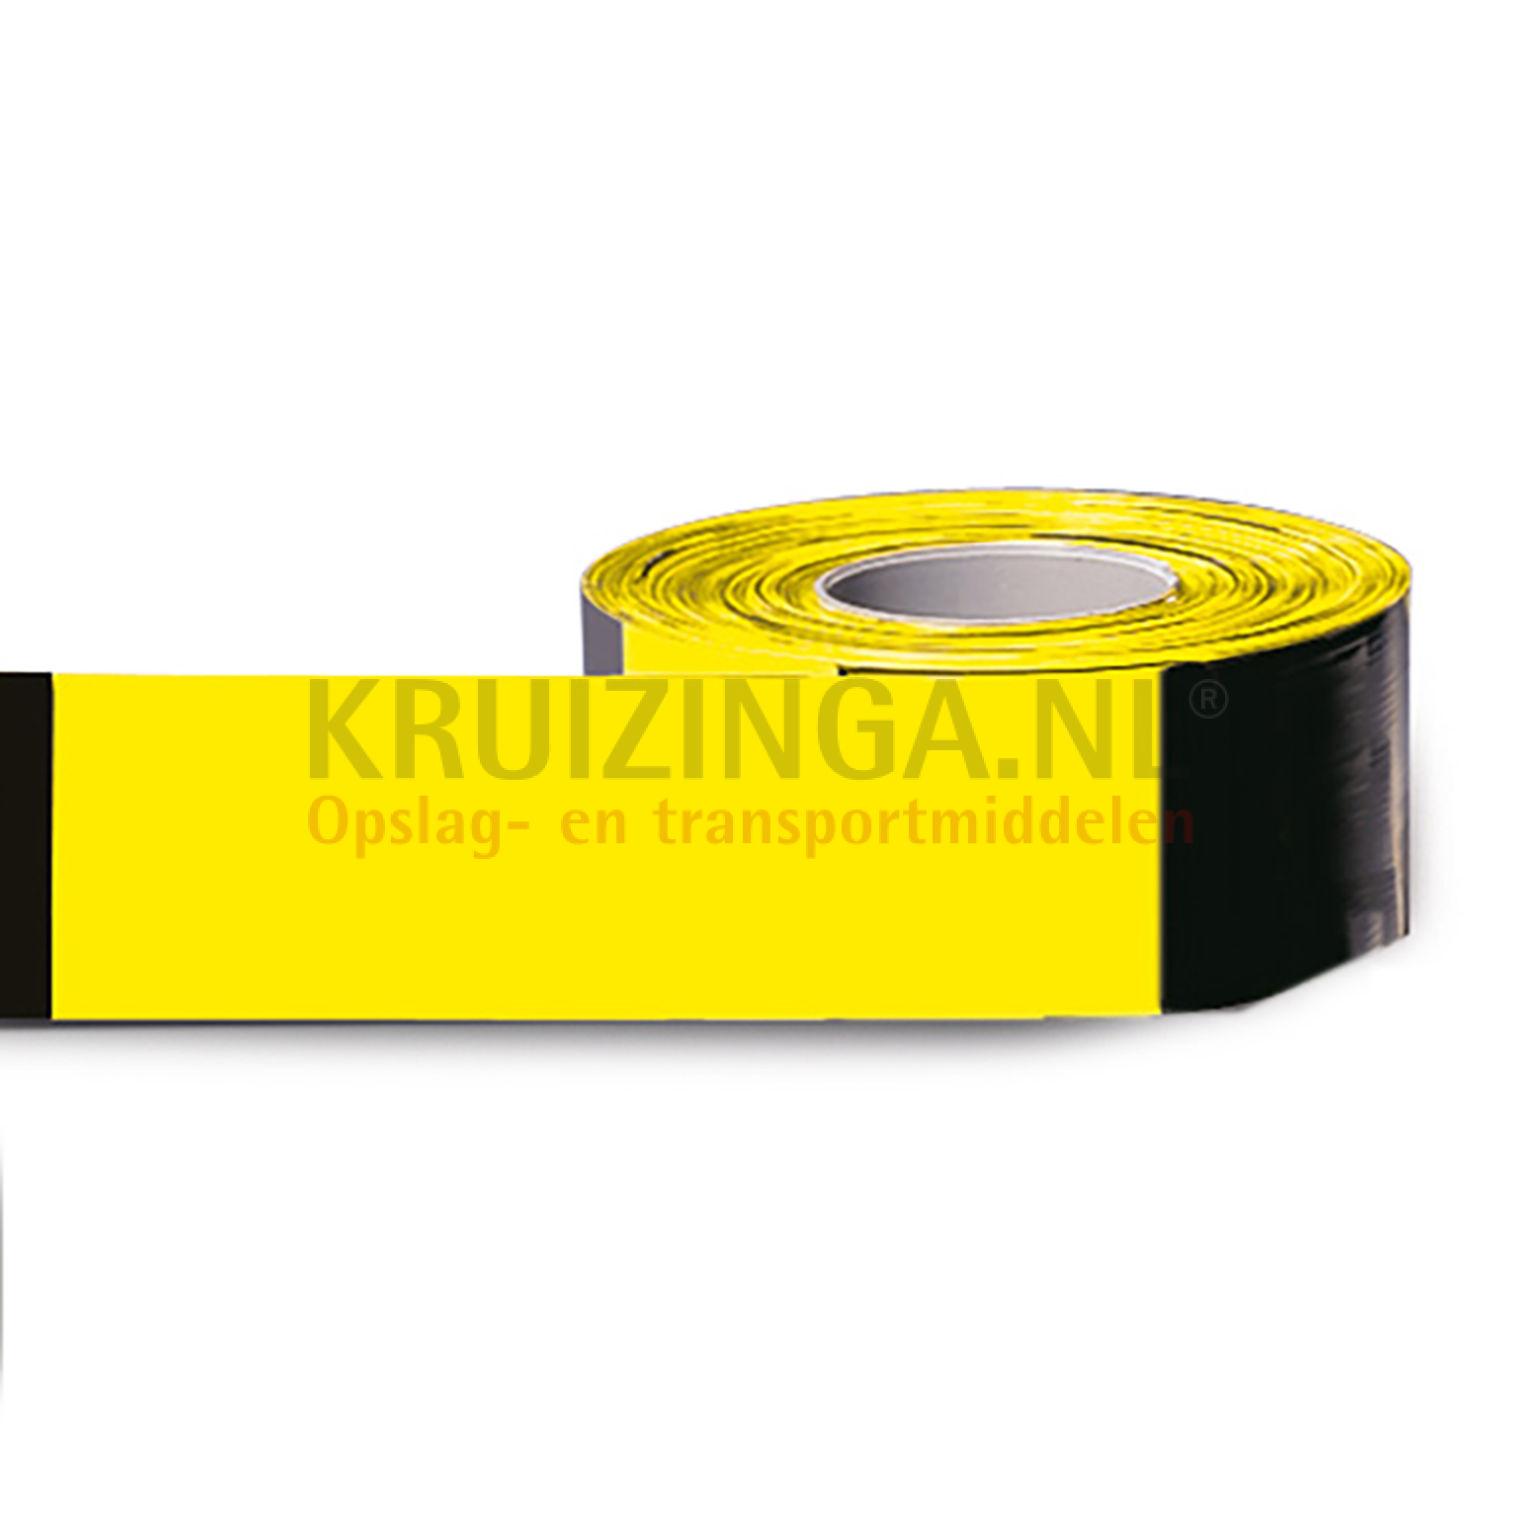 absperrung sicherheit und markierung fahrbahnmarkierung 2x500 meter absperrband gelb schwarz. Black Bedroom Furniture Sets. Home Design Ideas